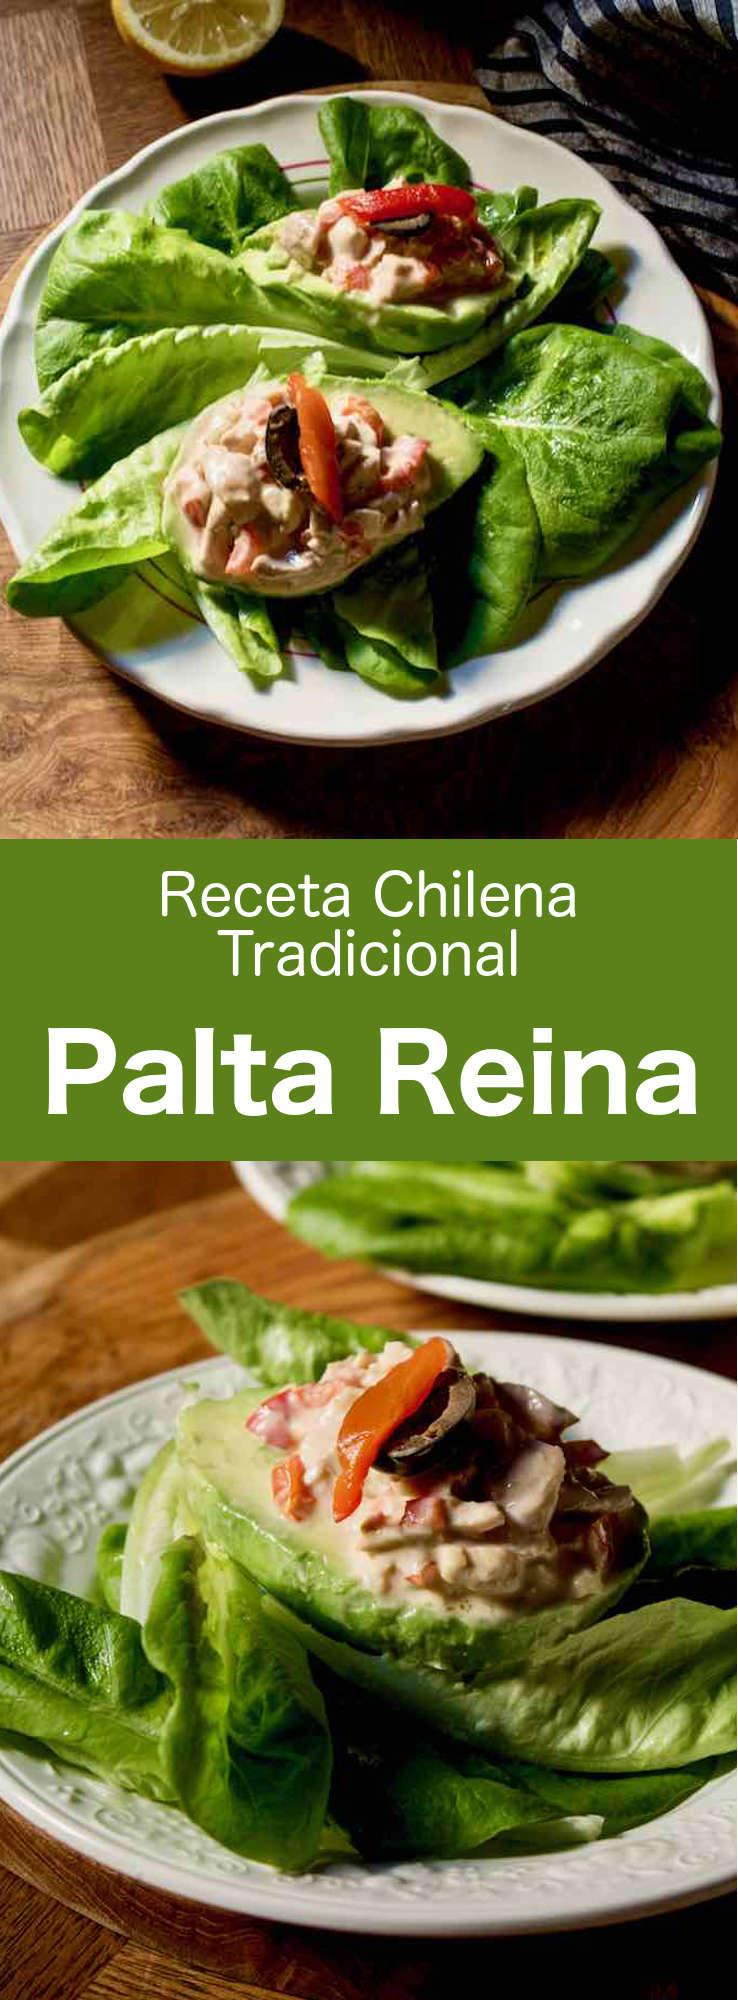 La palta reina es un delicioso popular entrante chileno que se prepara con aguacate pelado y ensalada de pollo.